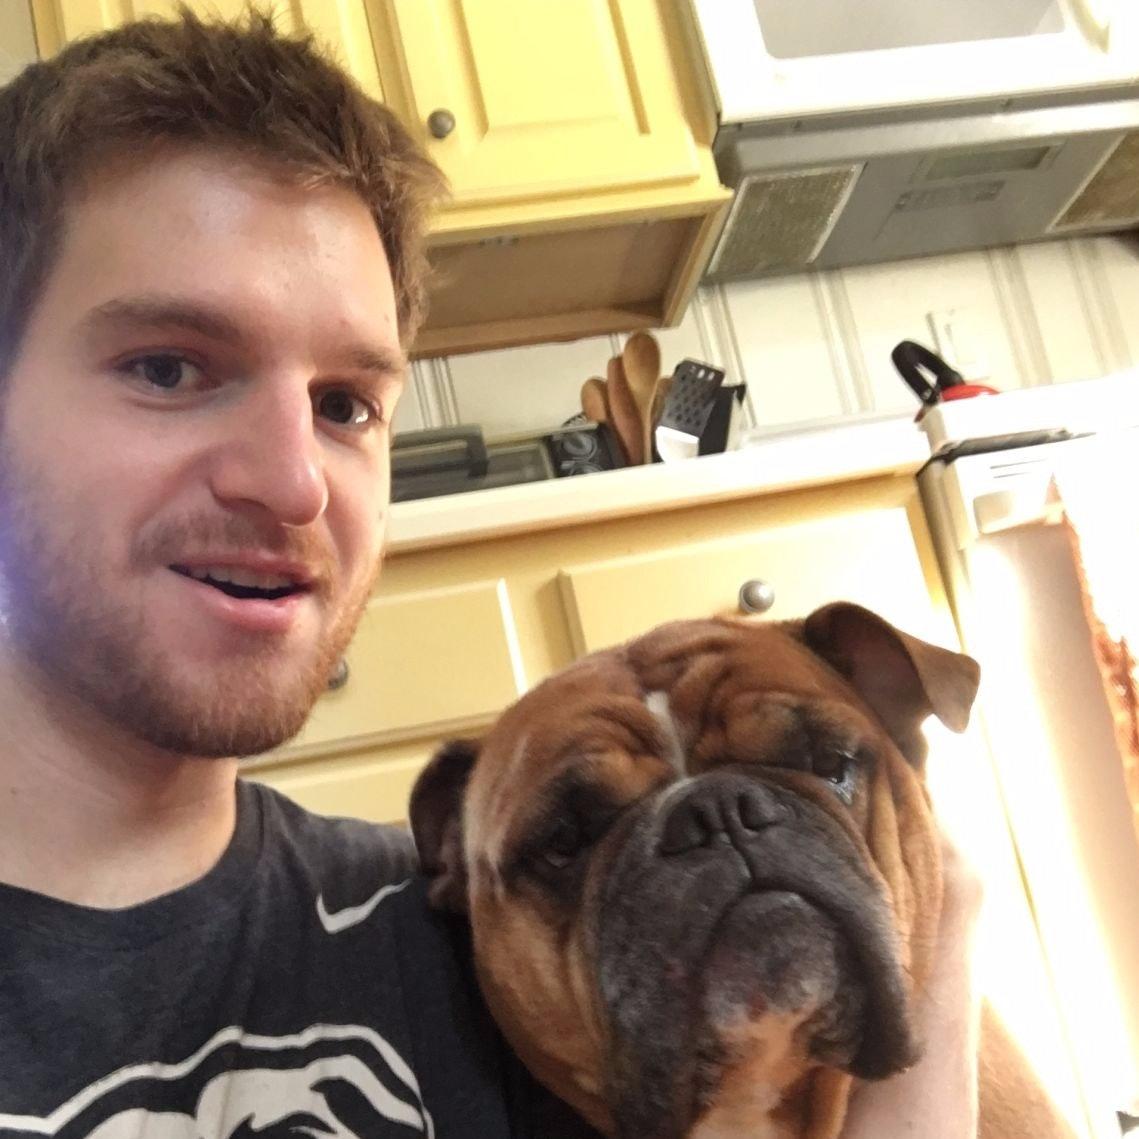 Joe's dog day care